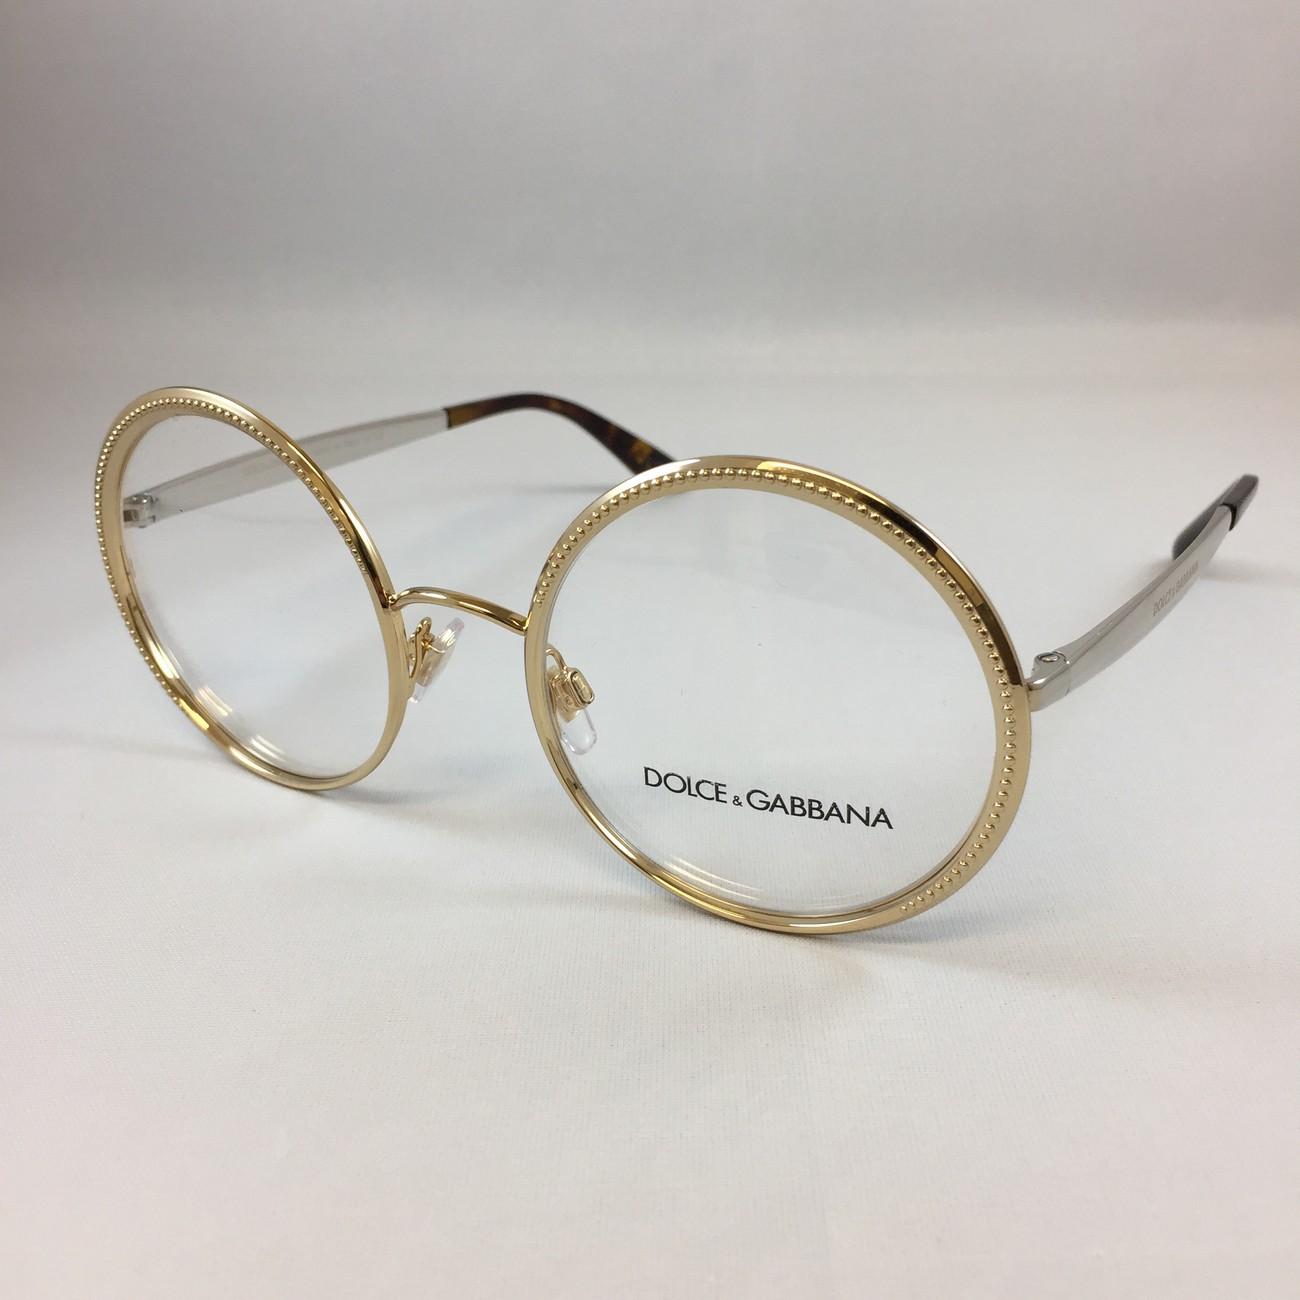 Dolce e Gabbana DG1297 02